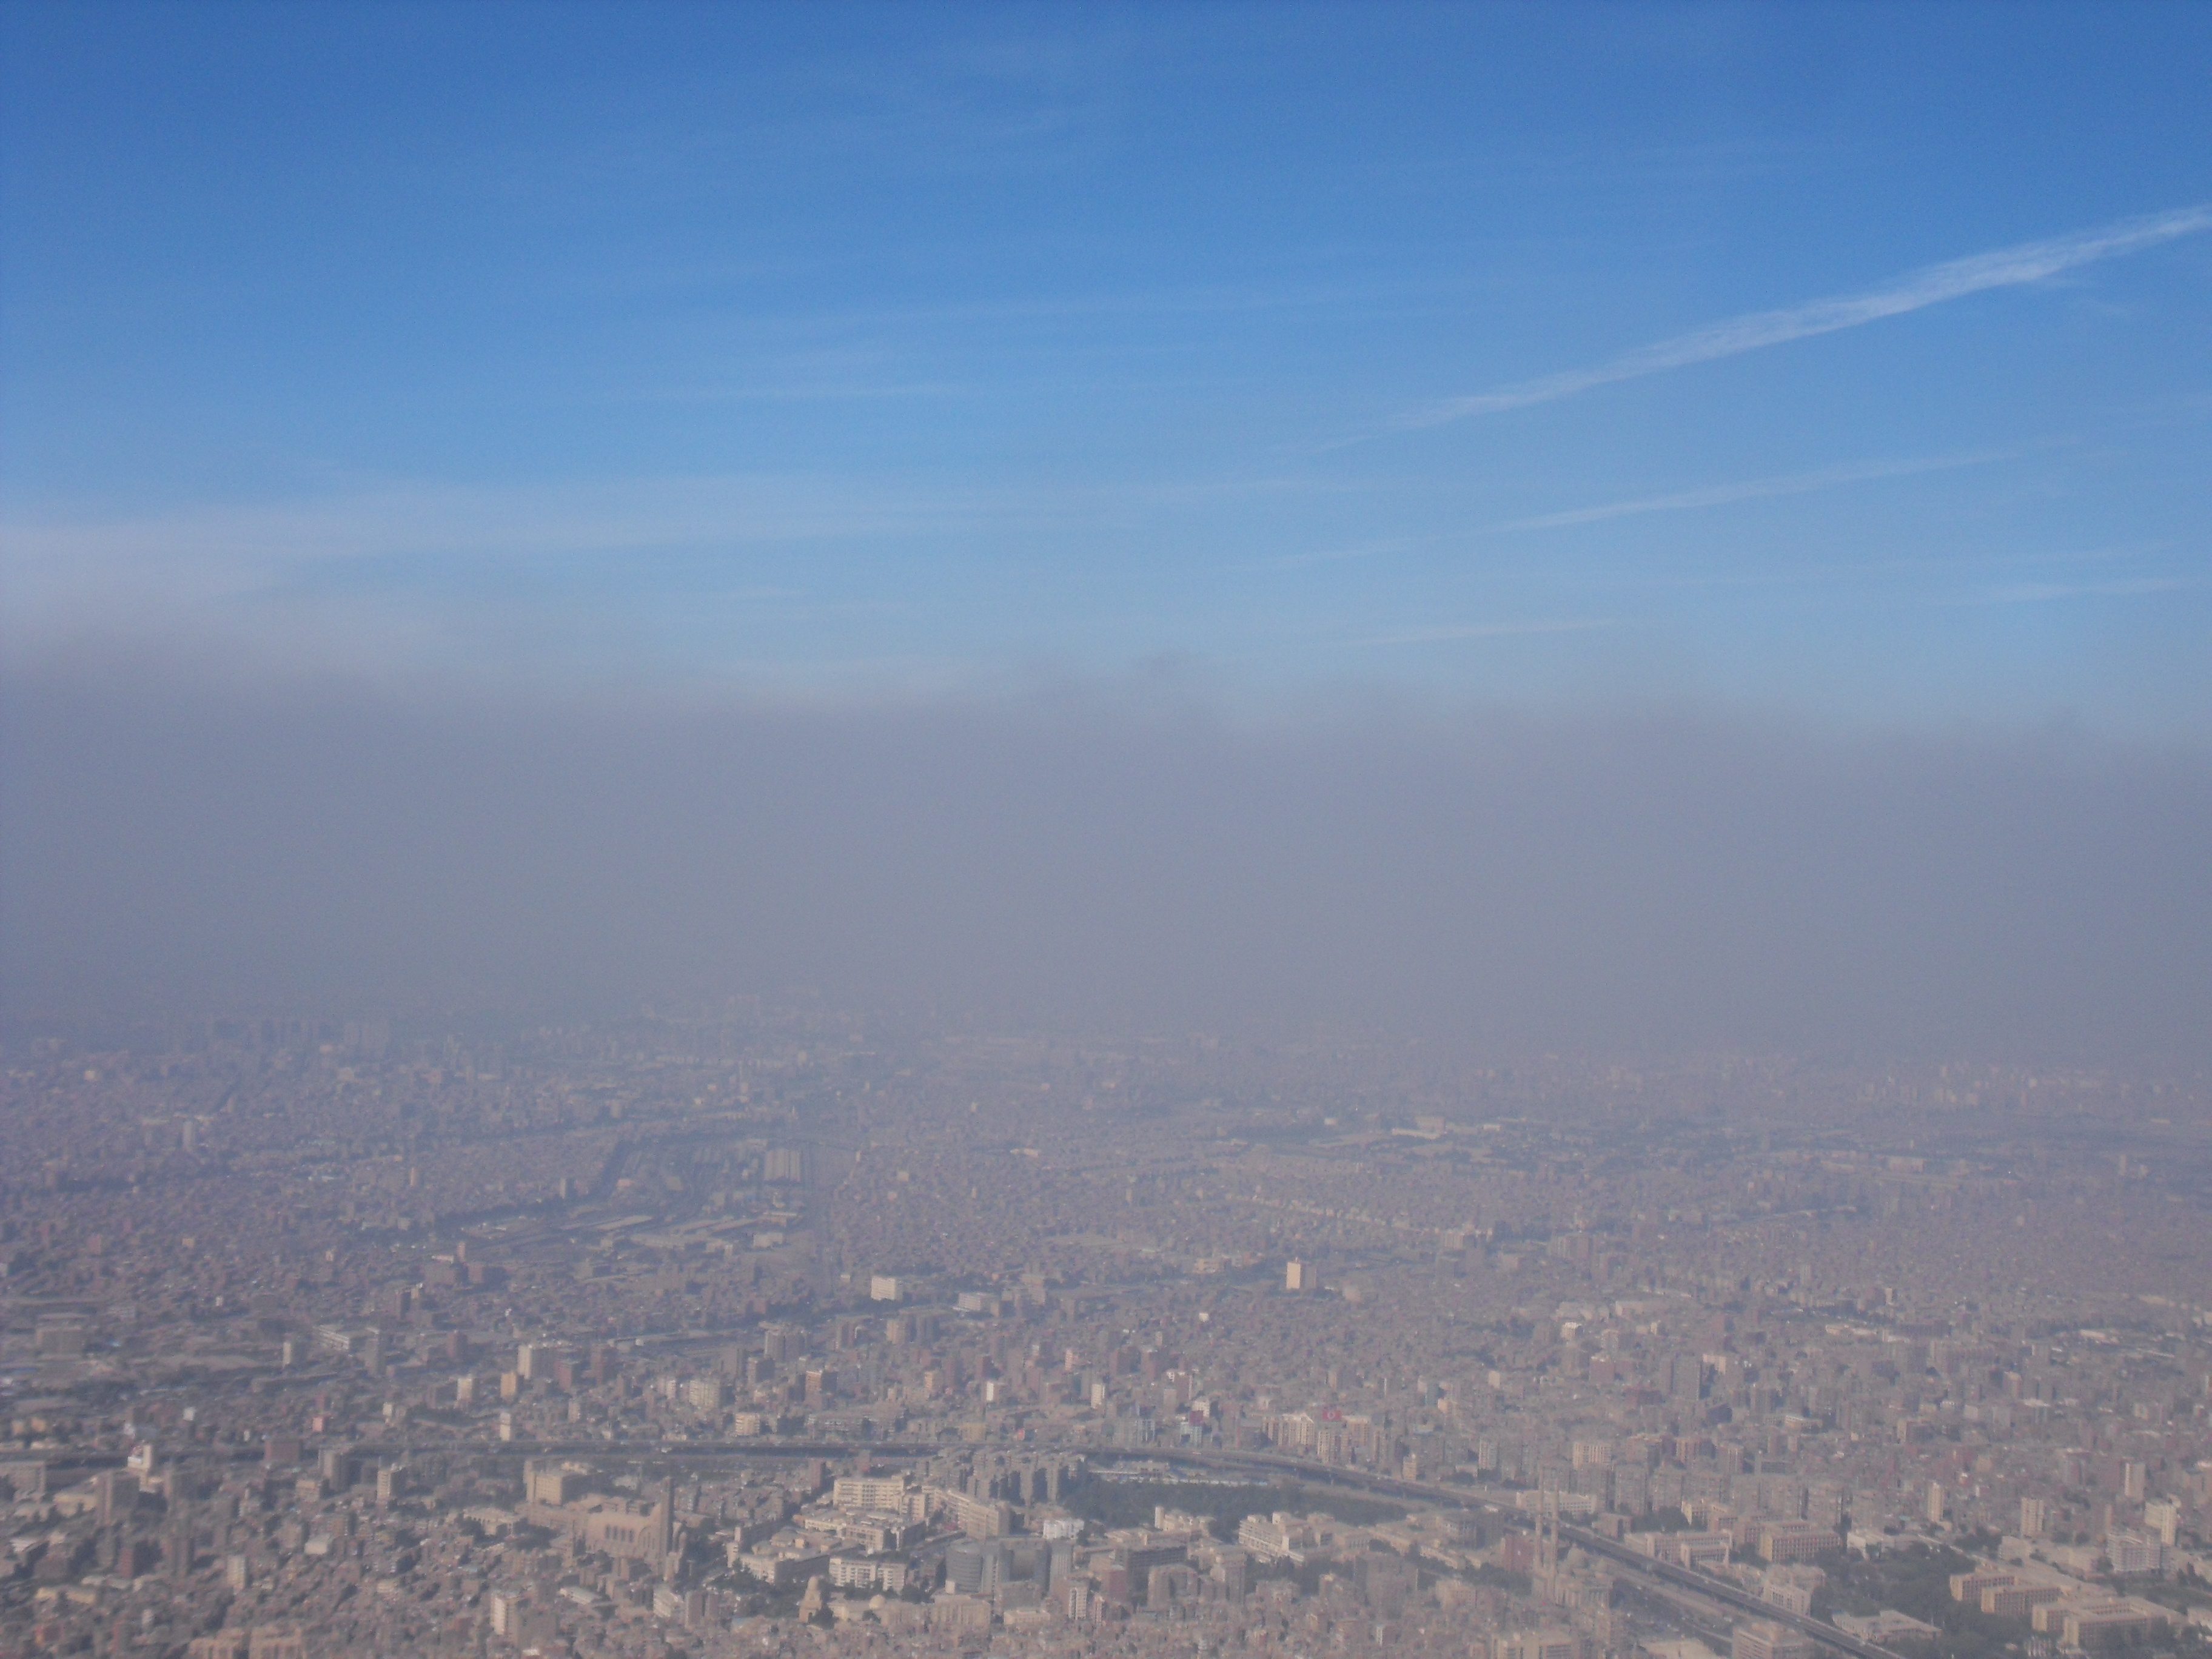 Mesir - Negara dengan Lingkungan Hidup Terburuk di Dunia